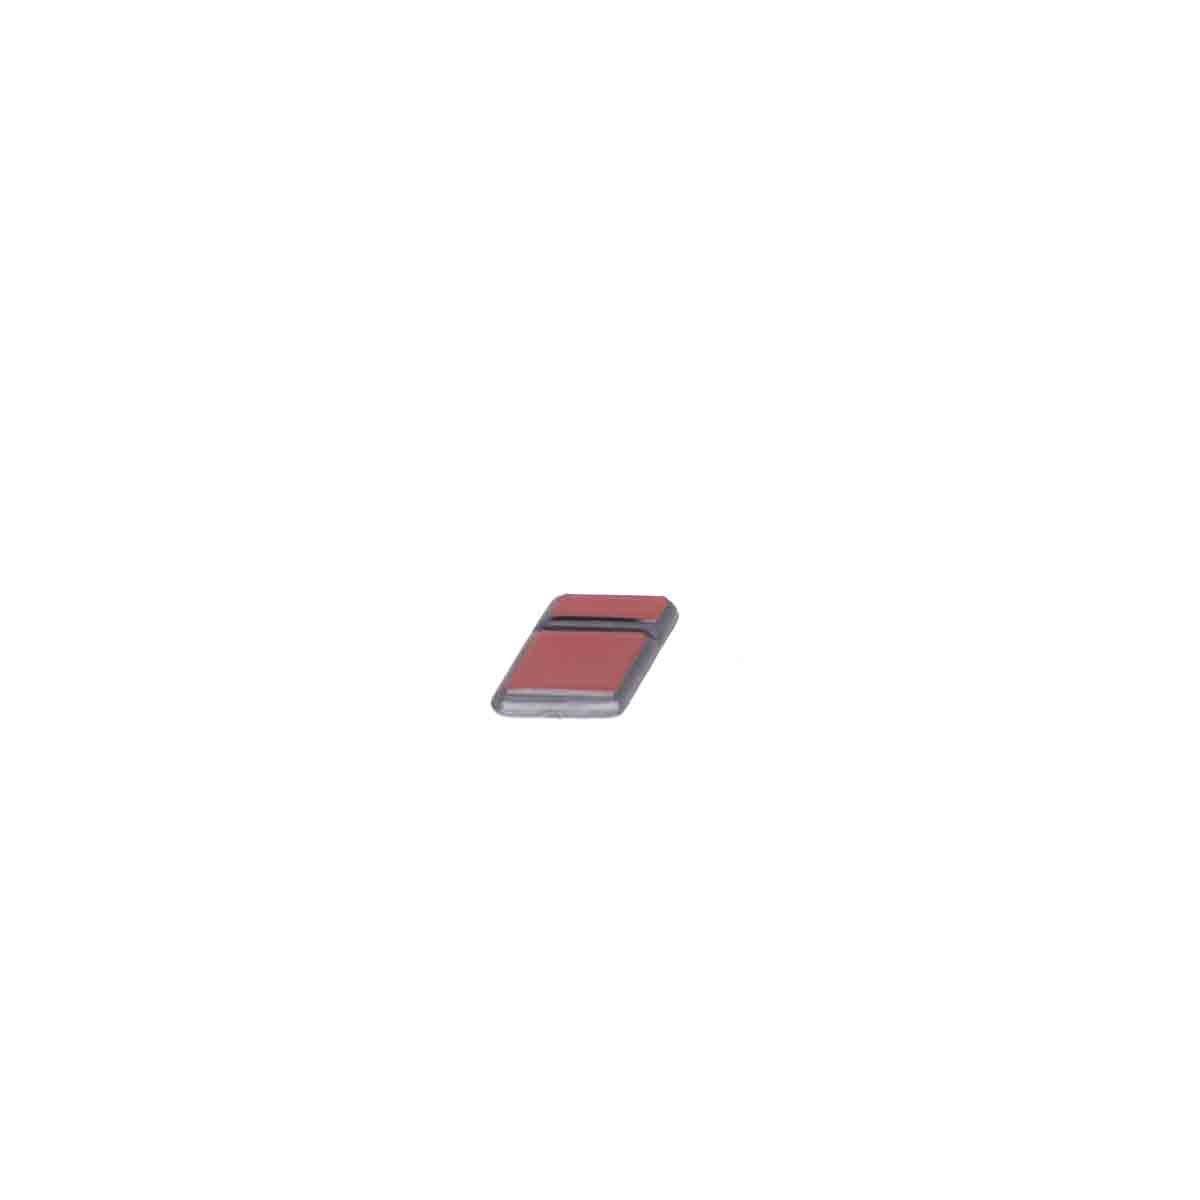 Emblema I (Gol/Voyage/Parati/Saveiro 91/95 Vermelho)